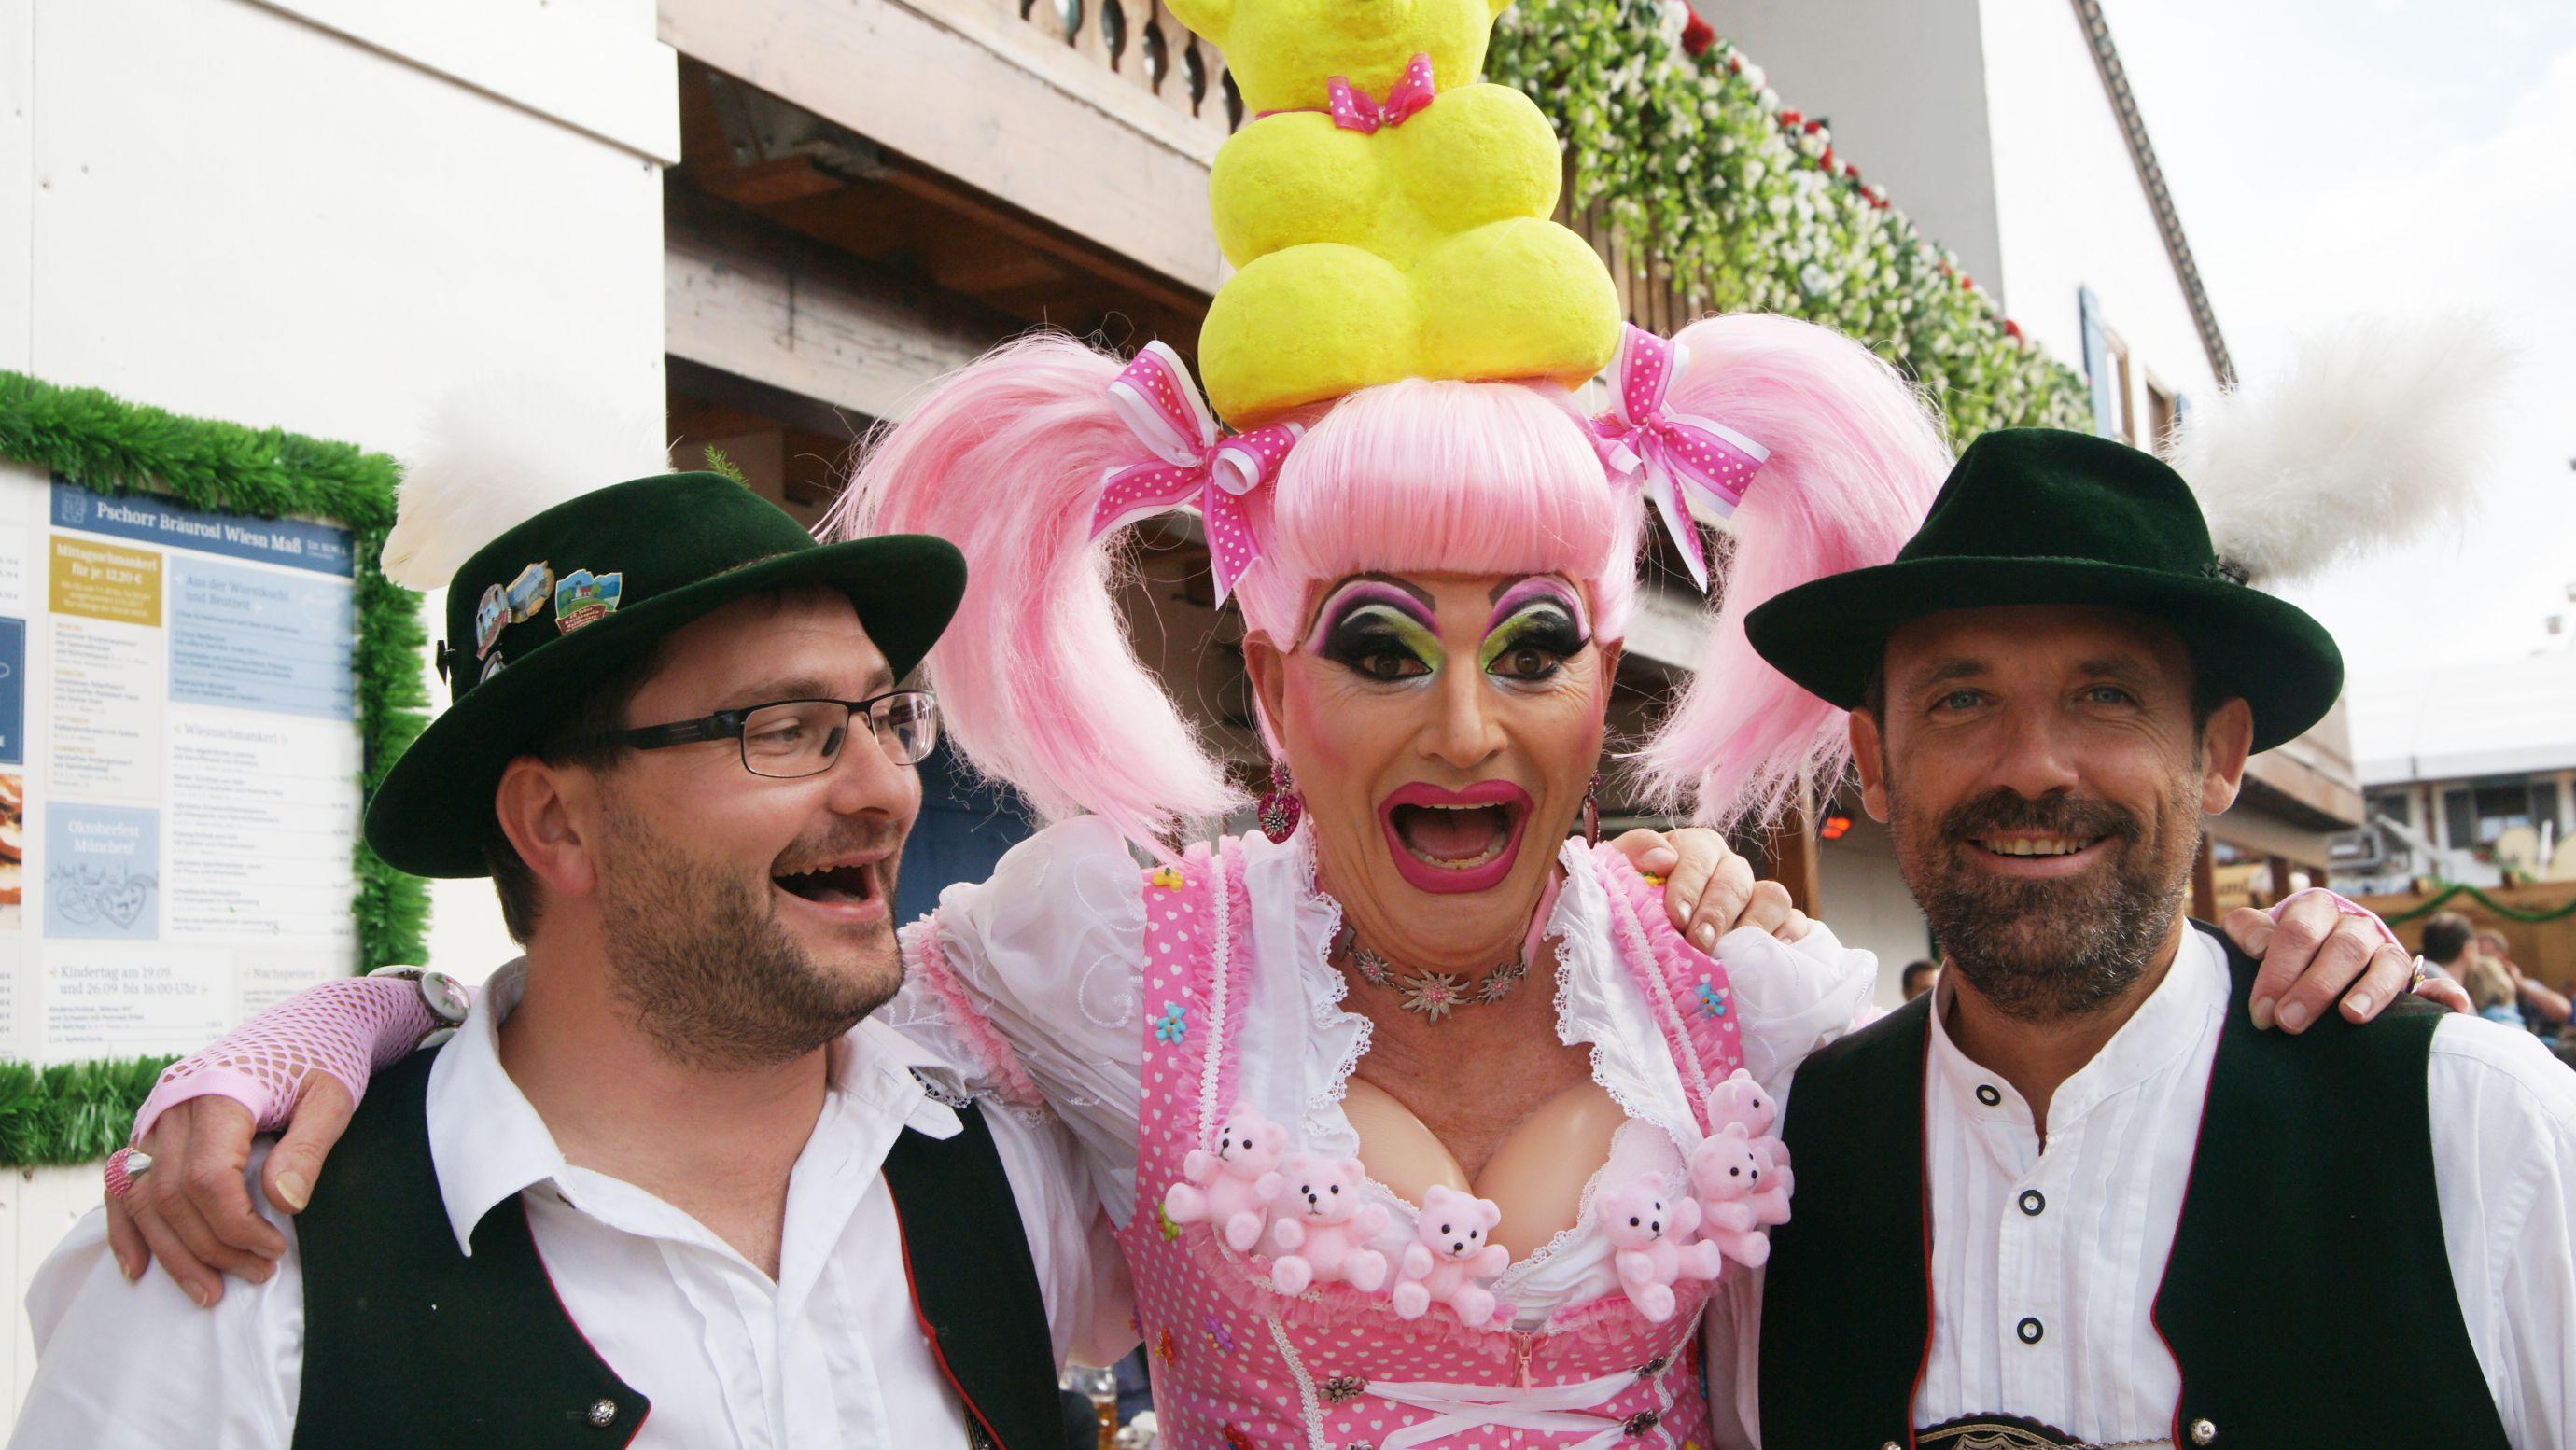 Die Drag Queen Franka posiert in pinkem Dirndl und mit Gummi-Dekolleté beim Gay-Sonntag 2017 auf dem Oktoberfest im Festzelt Bräurosl mit zwei Gästen.